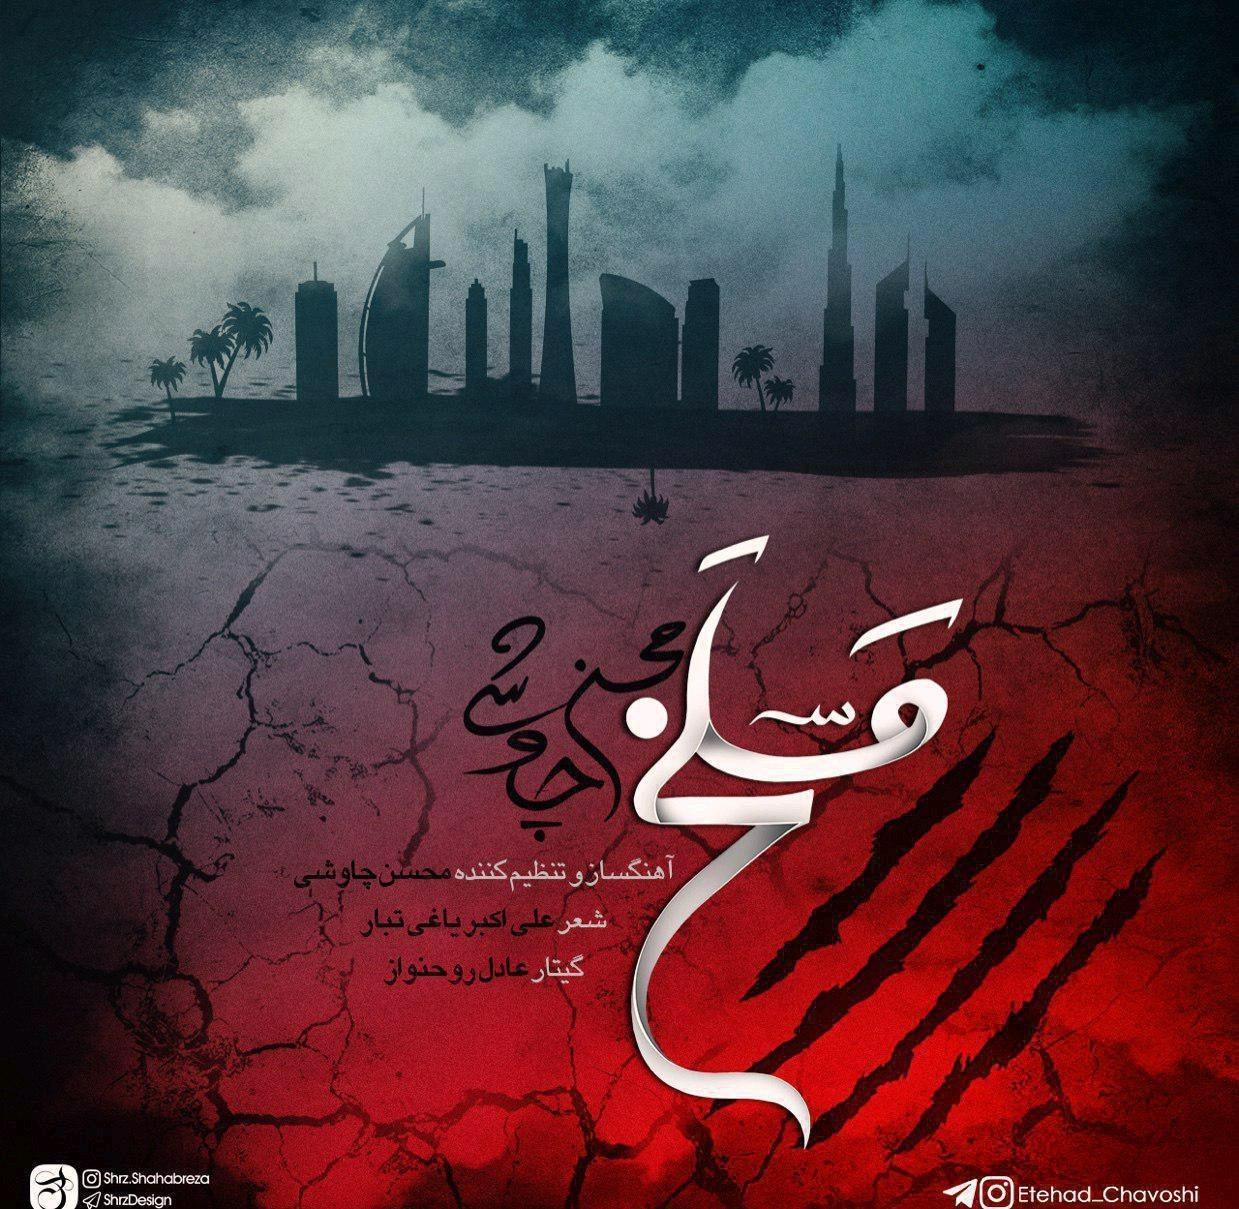 دانلود آهنگ مسلخ از محسن چاوشی